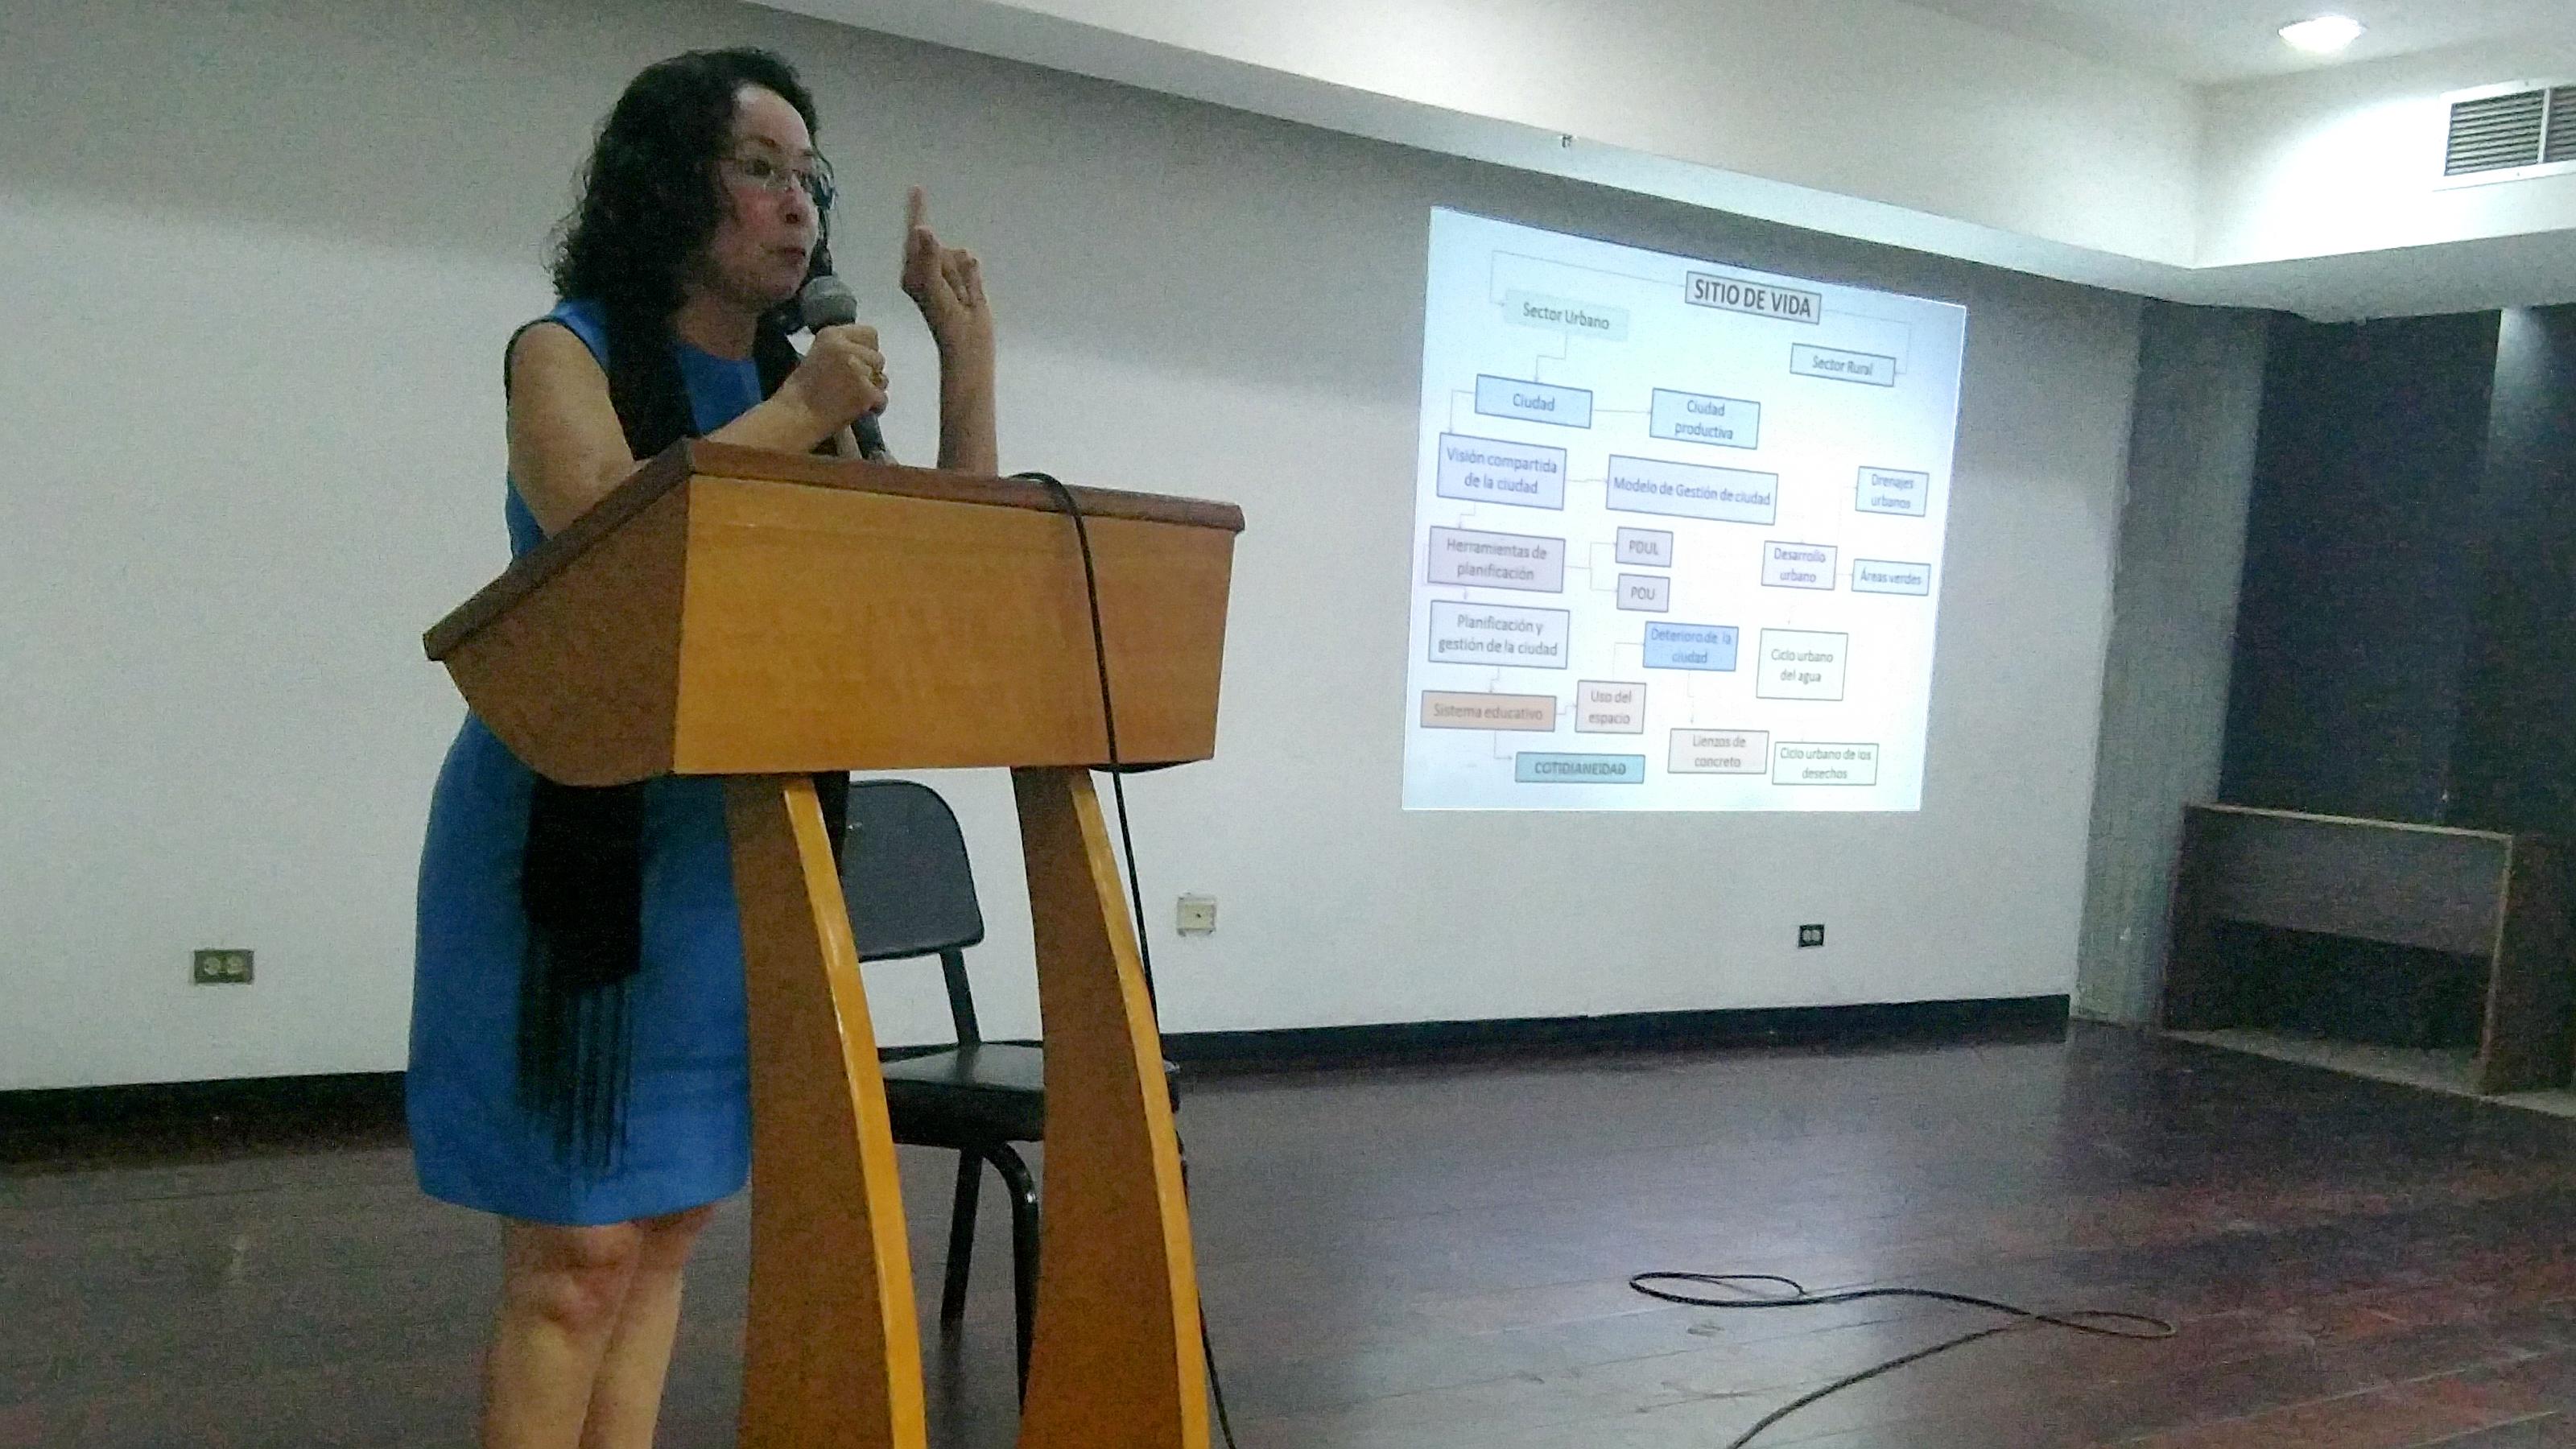 VIII Simposio Socio Ambiental de la región Guayana se enfocó en la educación